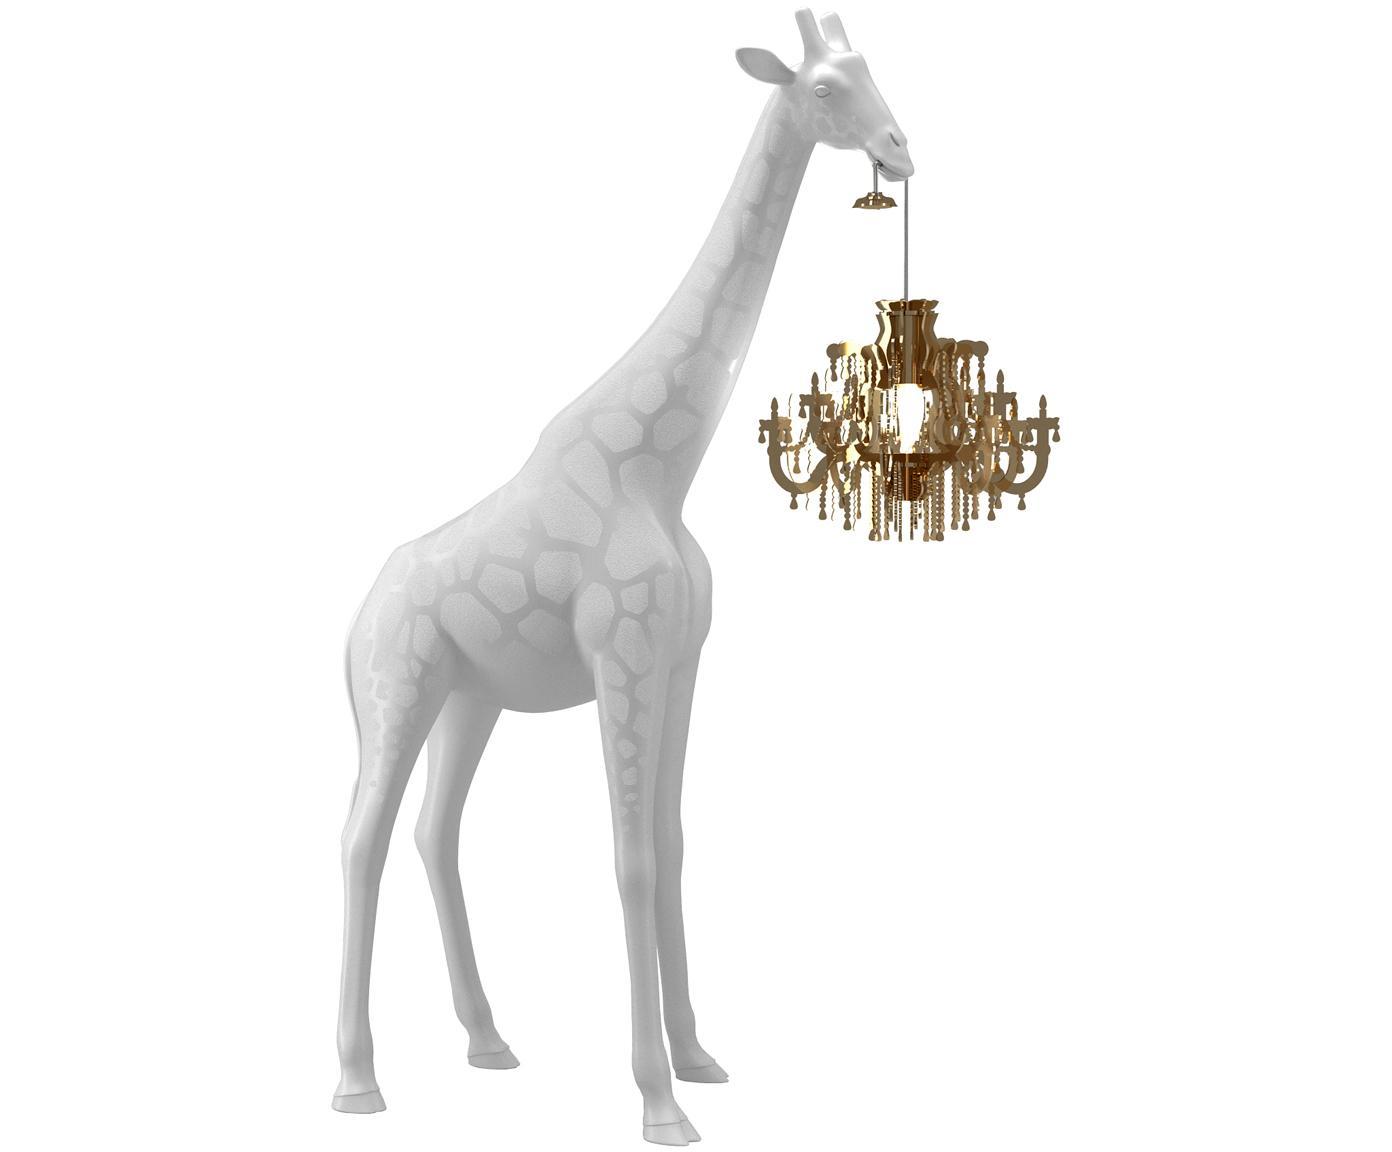 Design-Bodenleuchte Giraffe in Love, Weiss, Goldfarben, 60 x 100 cm